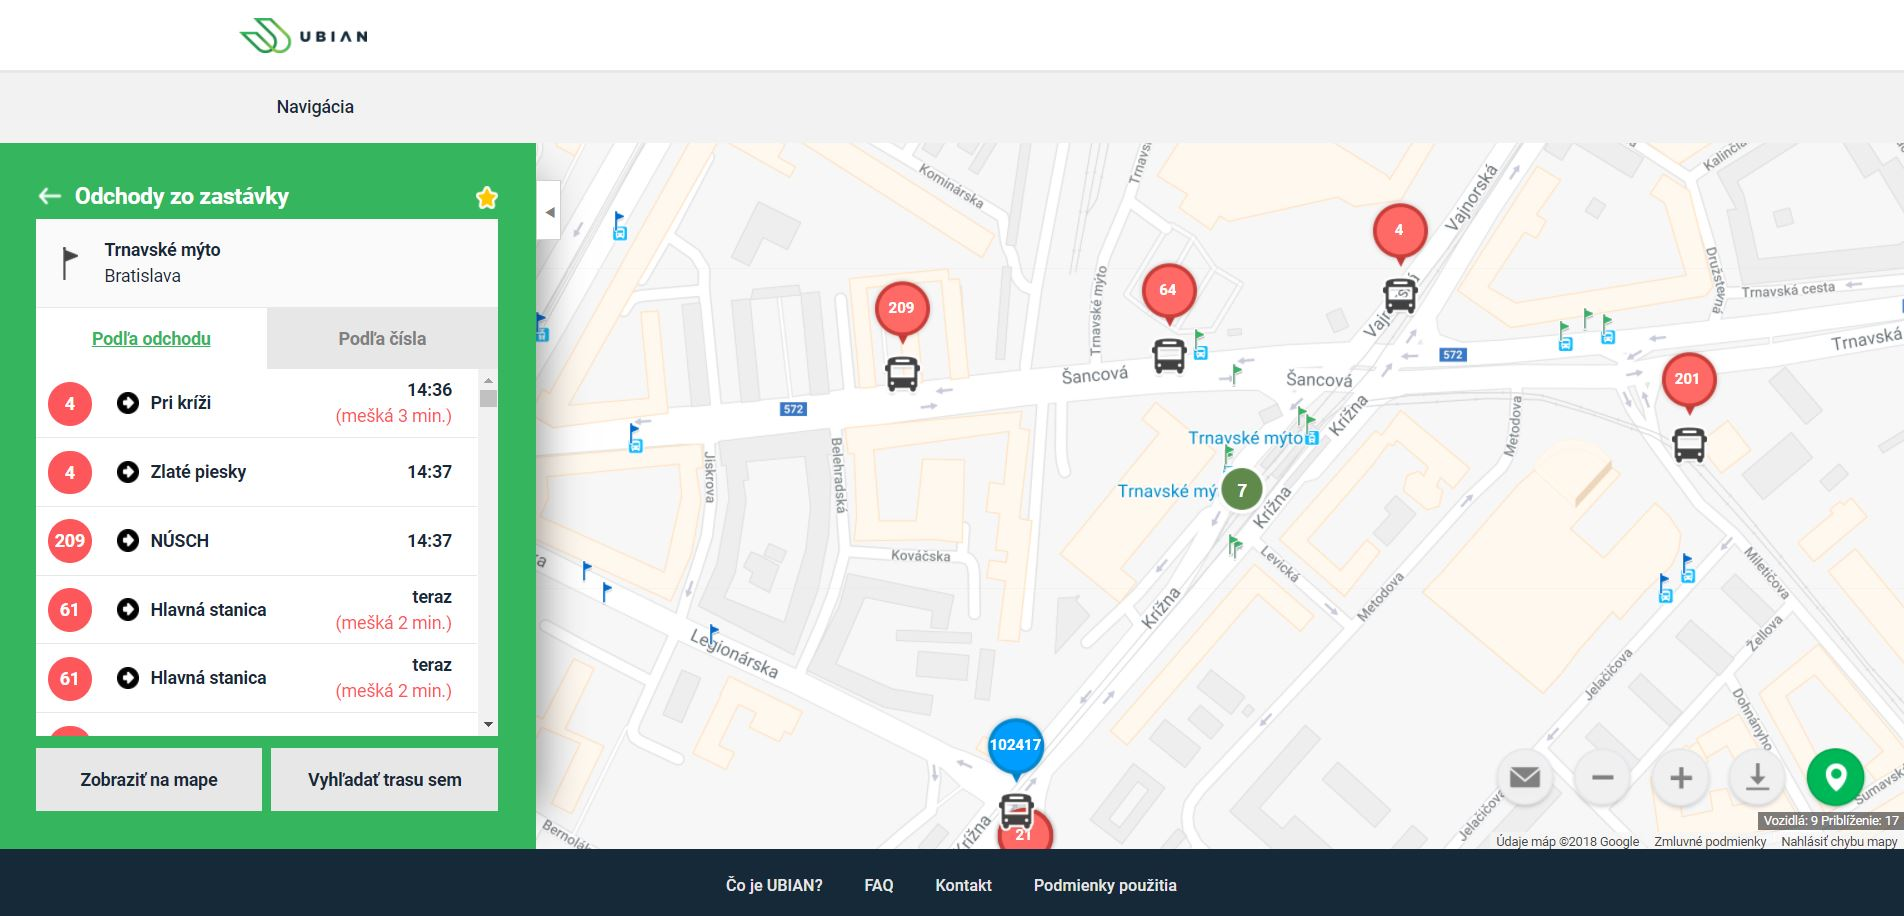 3 Ubian – web navigácia door to door